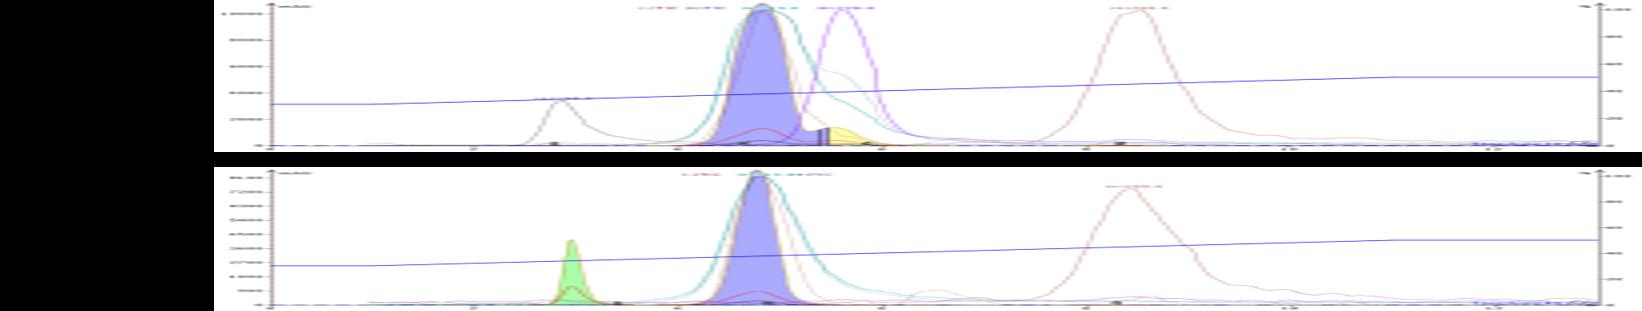 3-component rxn interactive media comparison